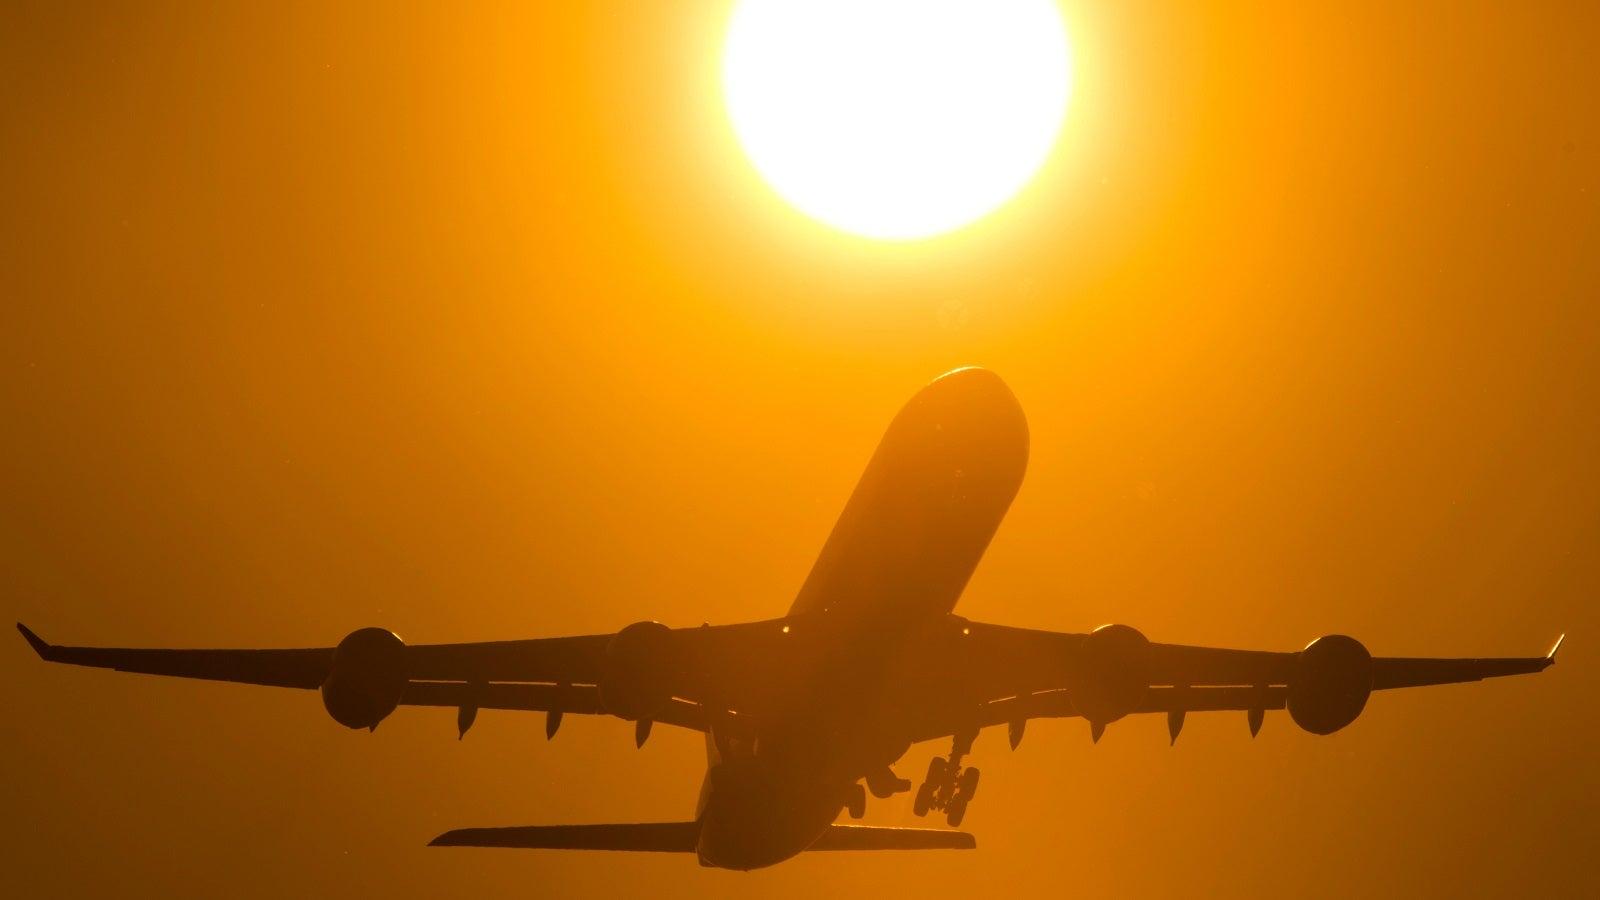 Wann muss die Airline Entschädigung zahlen? BGH klärt Passagierrechte